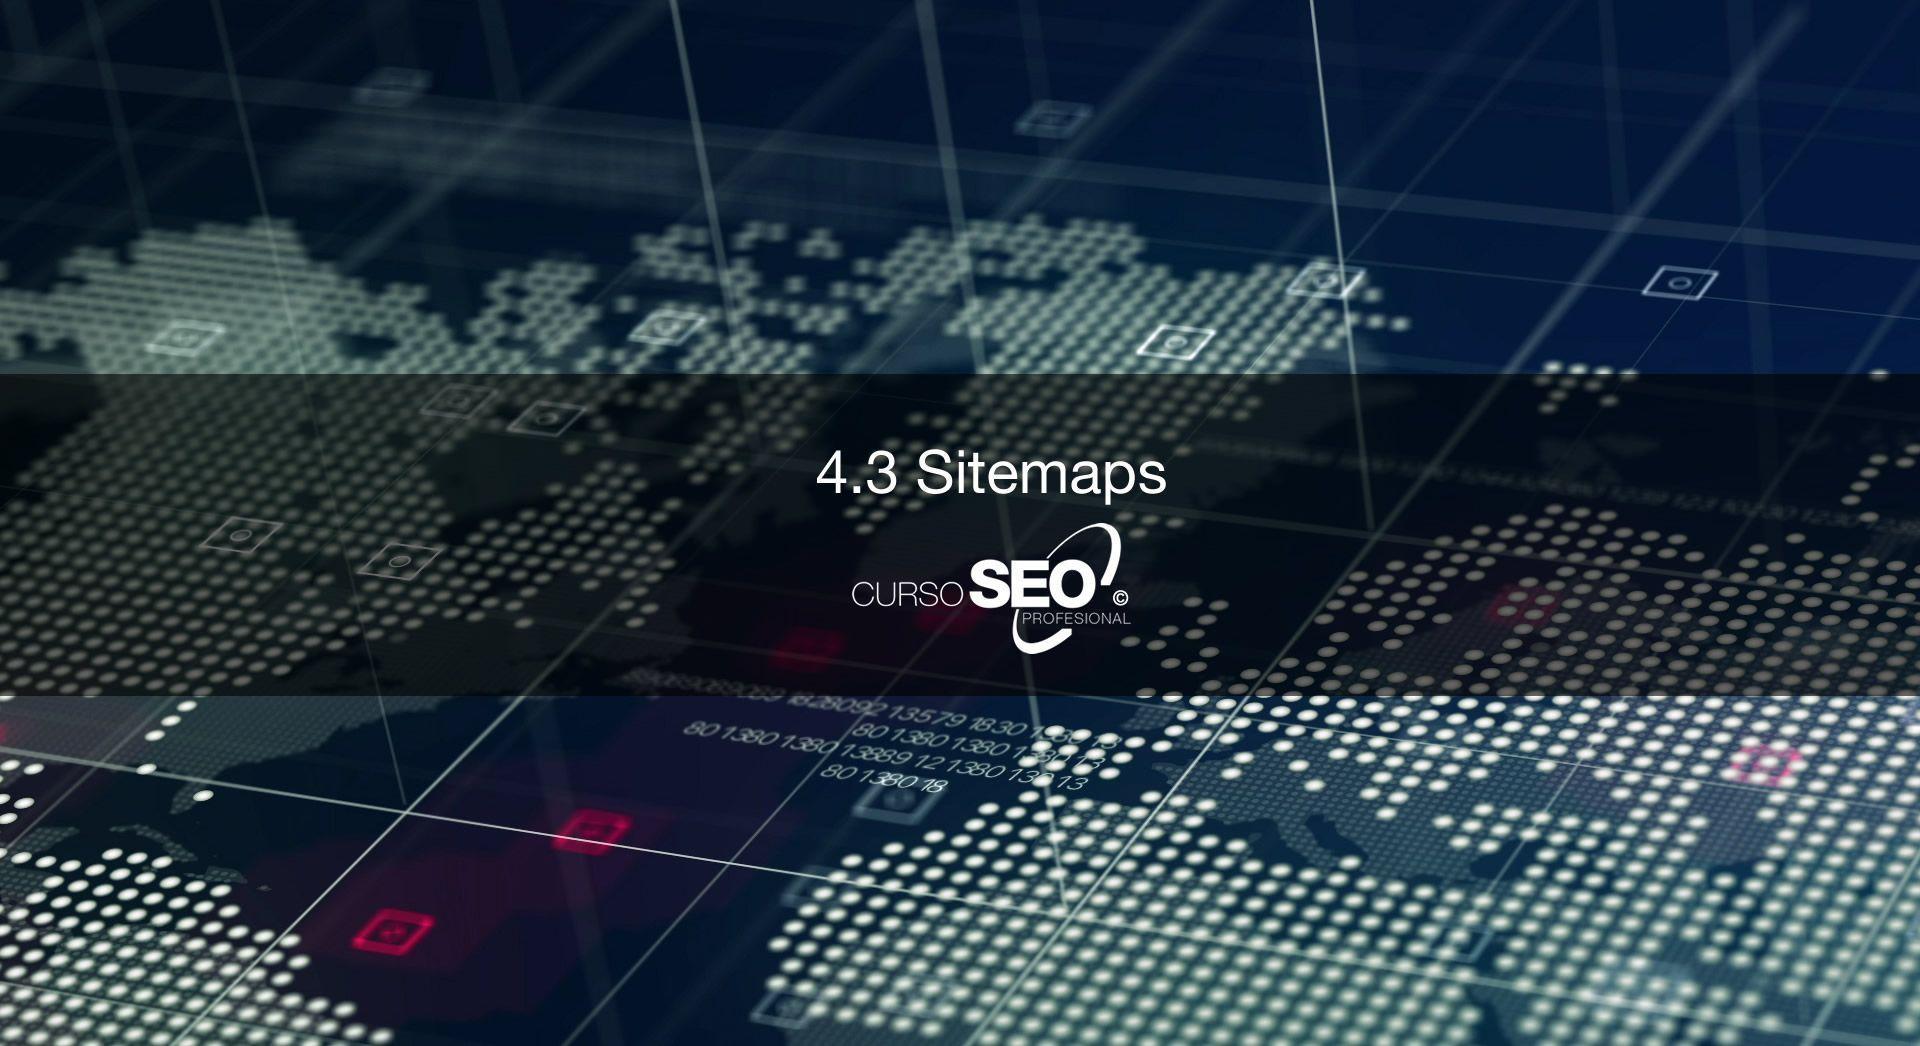 Sitemaps & SEO